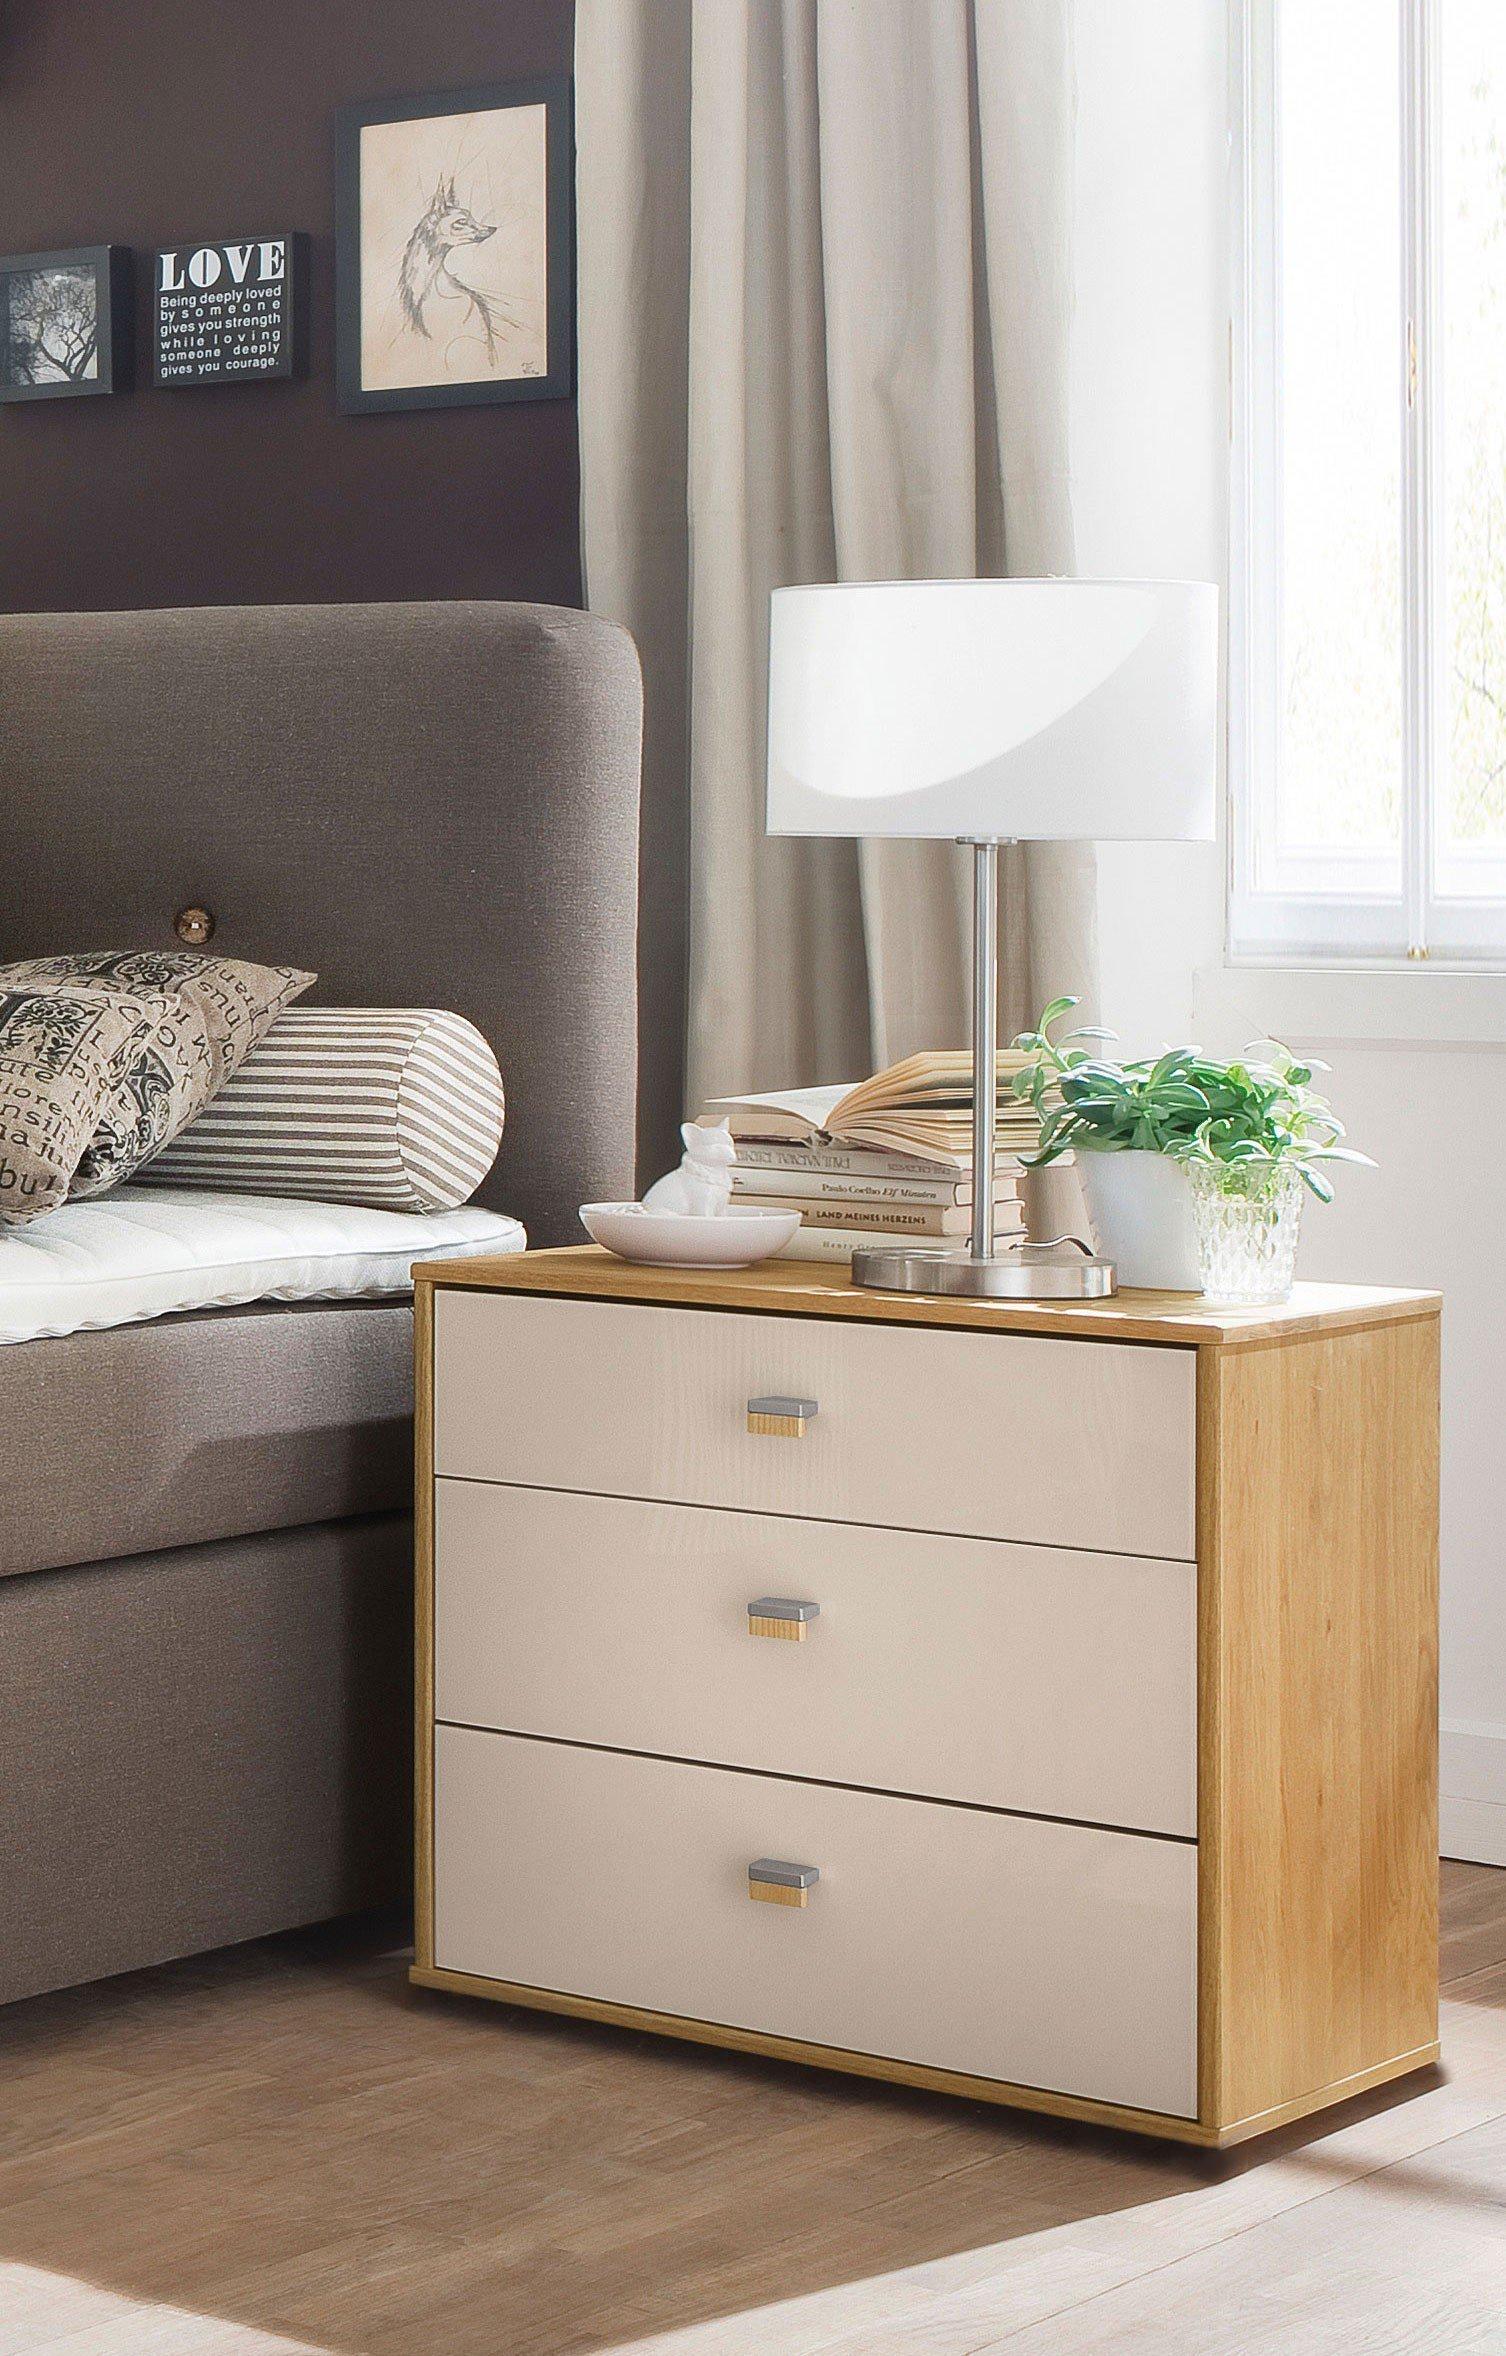 casada cleveland boxspringbett nachtschrank m bel letz ihr online shop. Black Bedroom Furniture Sets. Home Design Ideas